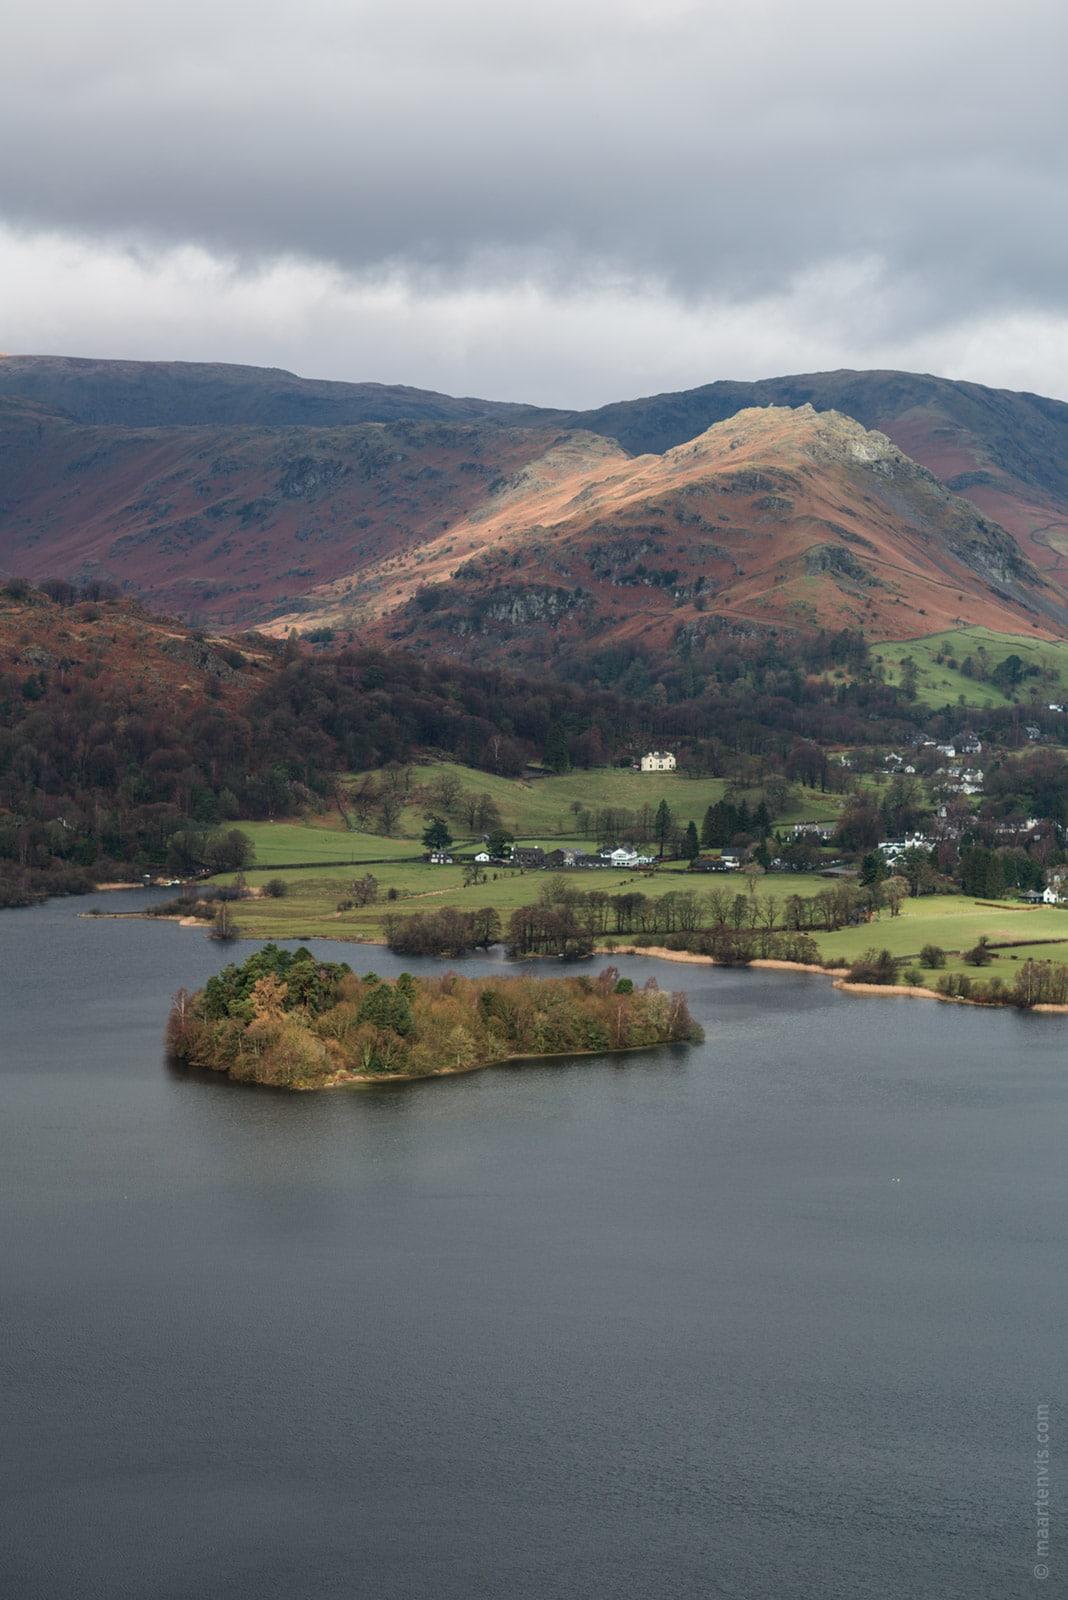 20160327 8700 - Lake District Hiking